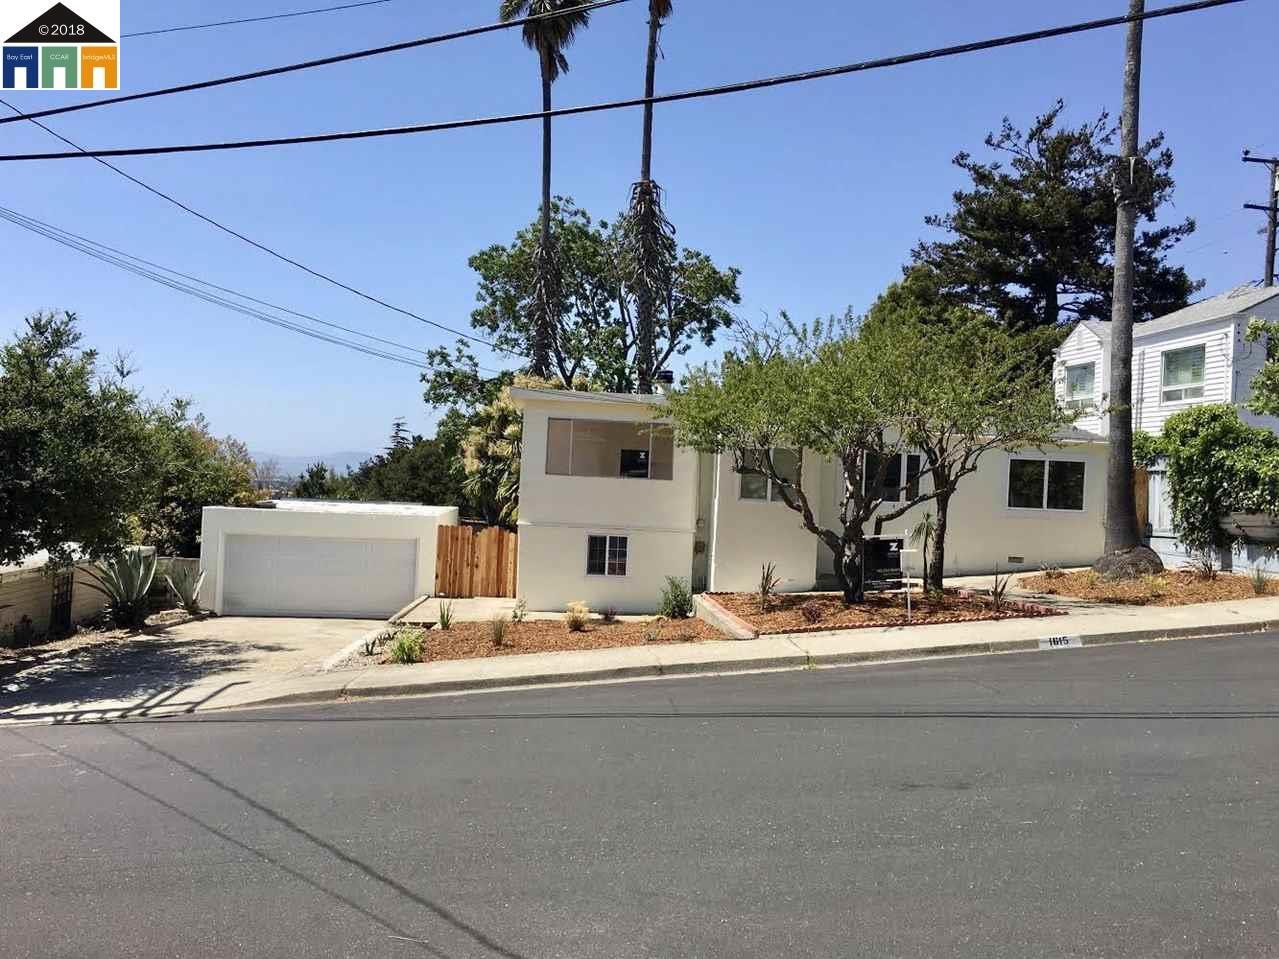 1615 ZINN STREET, RICHMOND, CA 94805